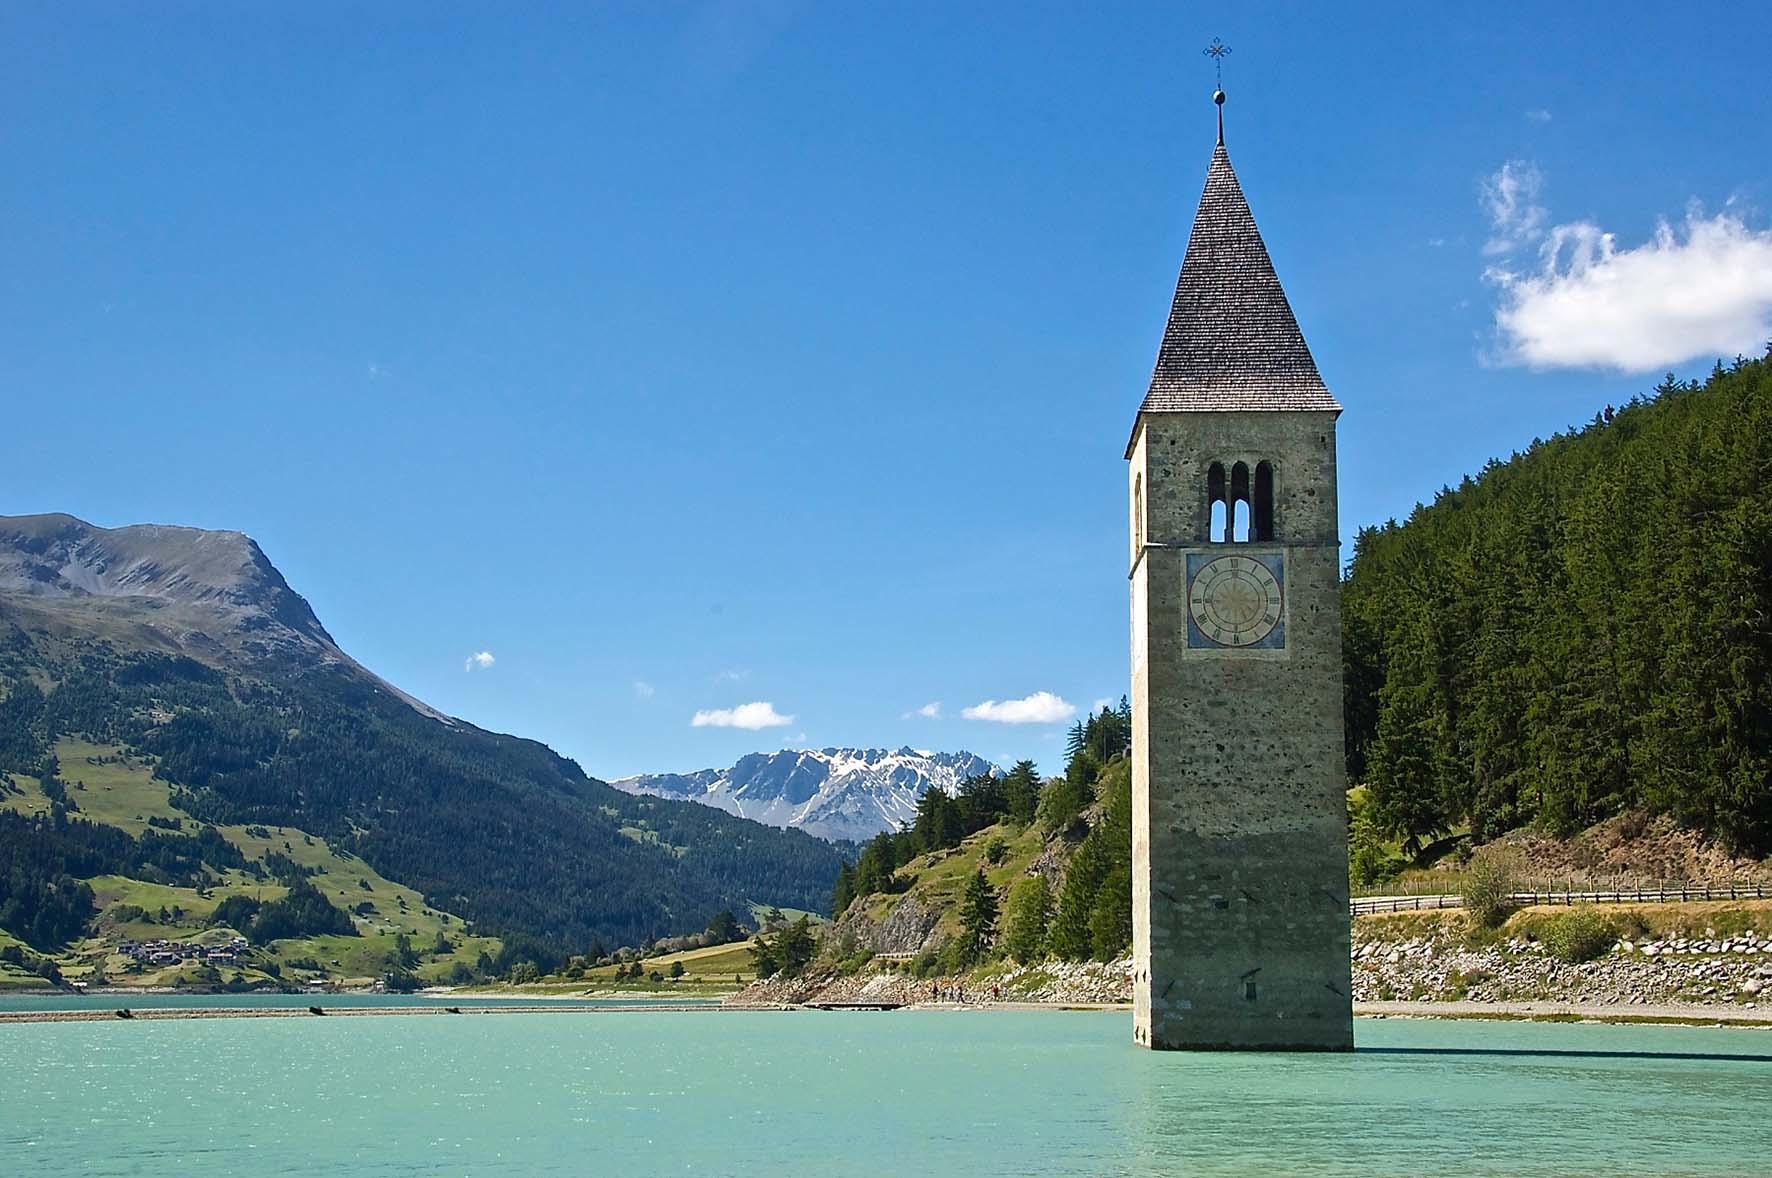 Alto Adige Lago di Resia campanile John Mason Flickr